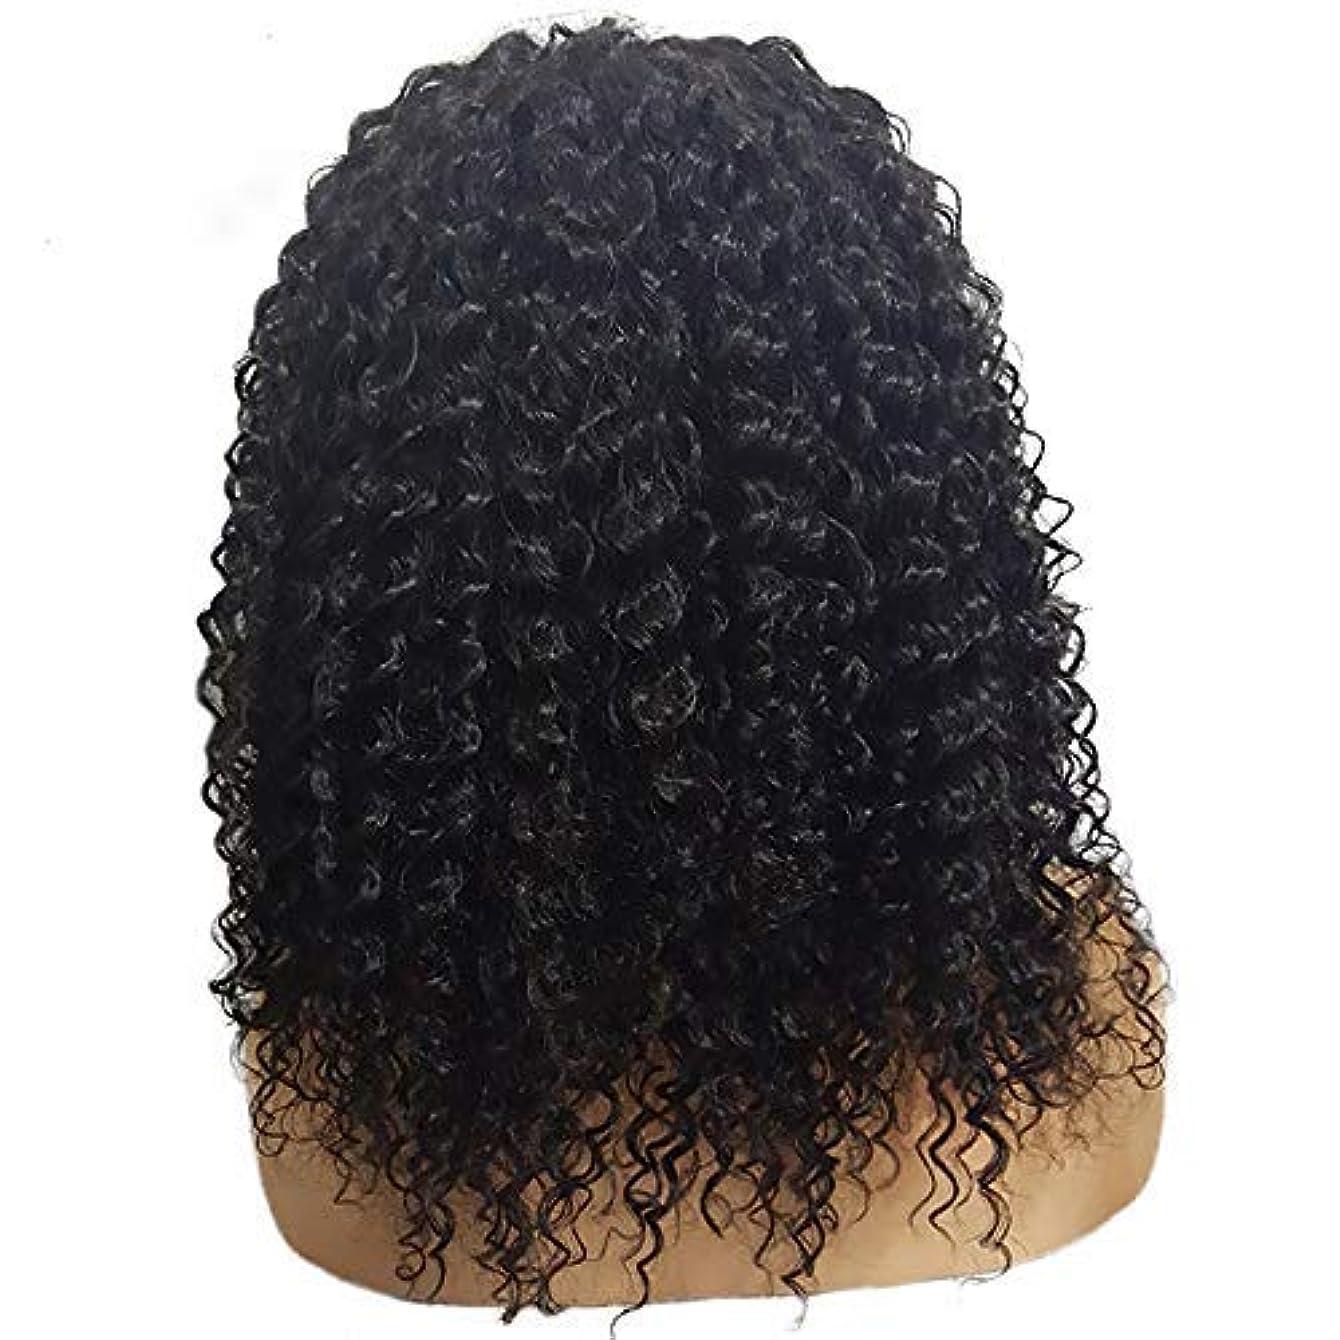 進行中乳製品純正かつら短い巻き毛のかつらファッション化学繊維かつらフロントレース20インチ